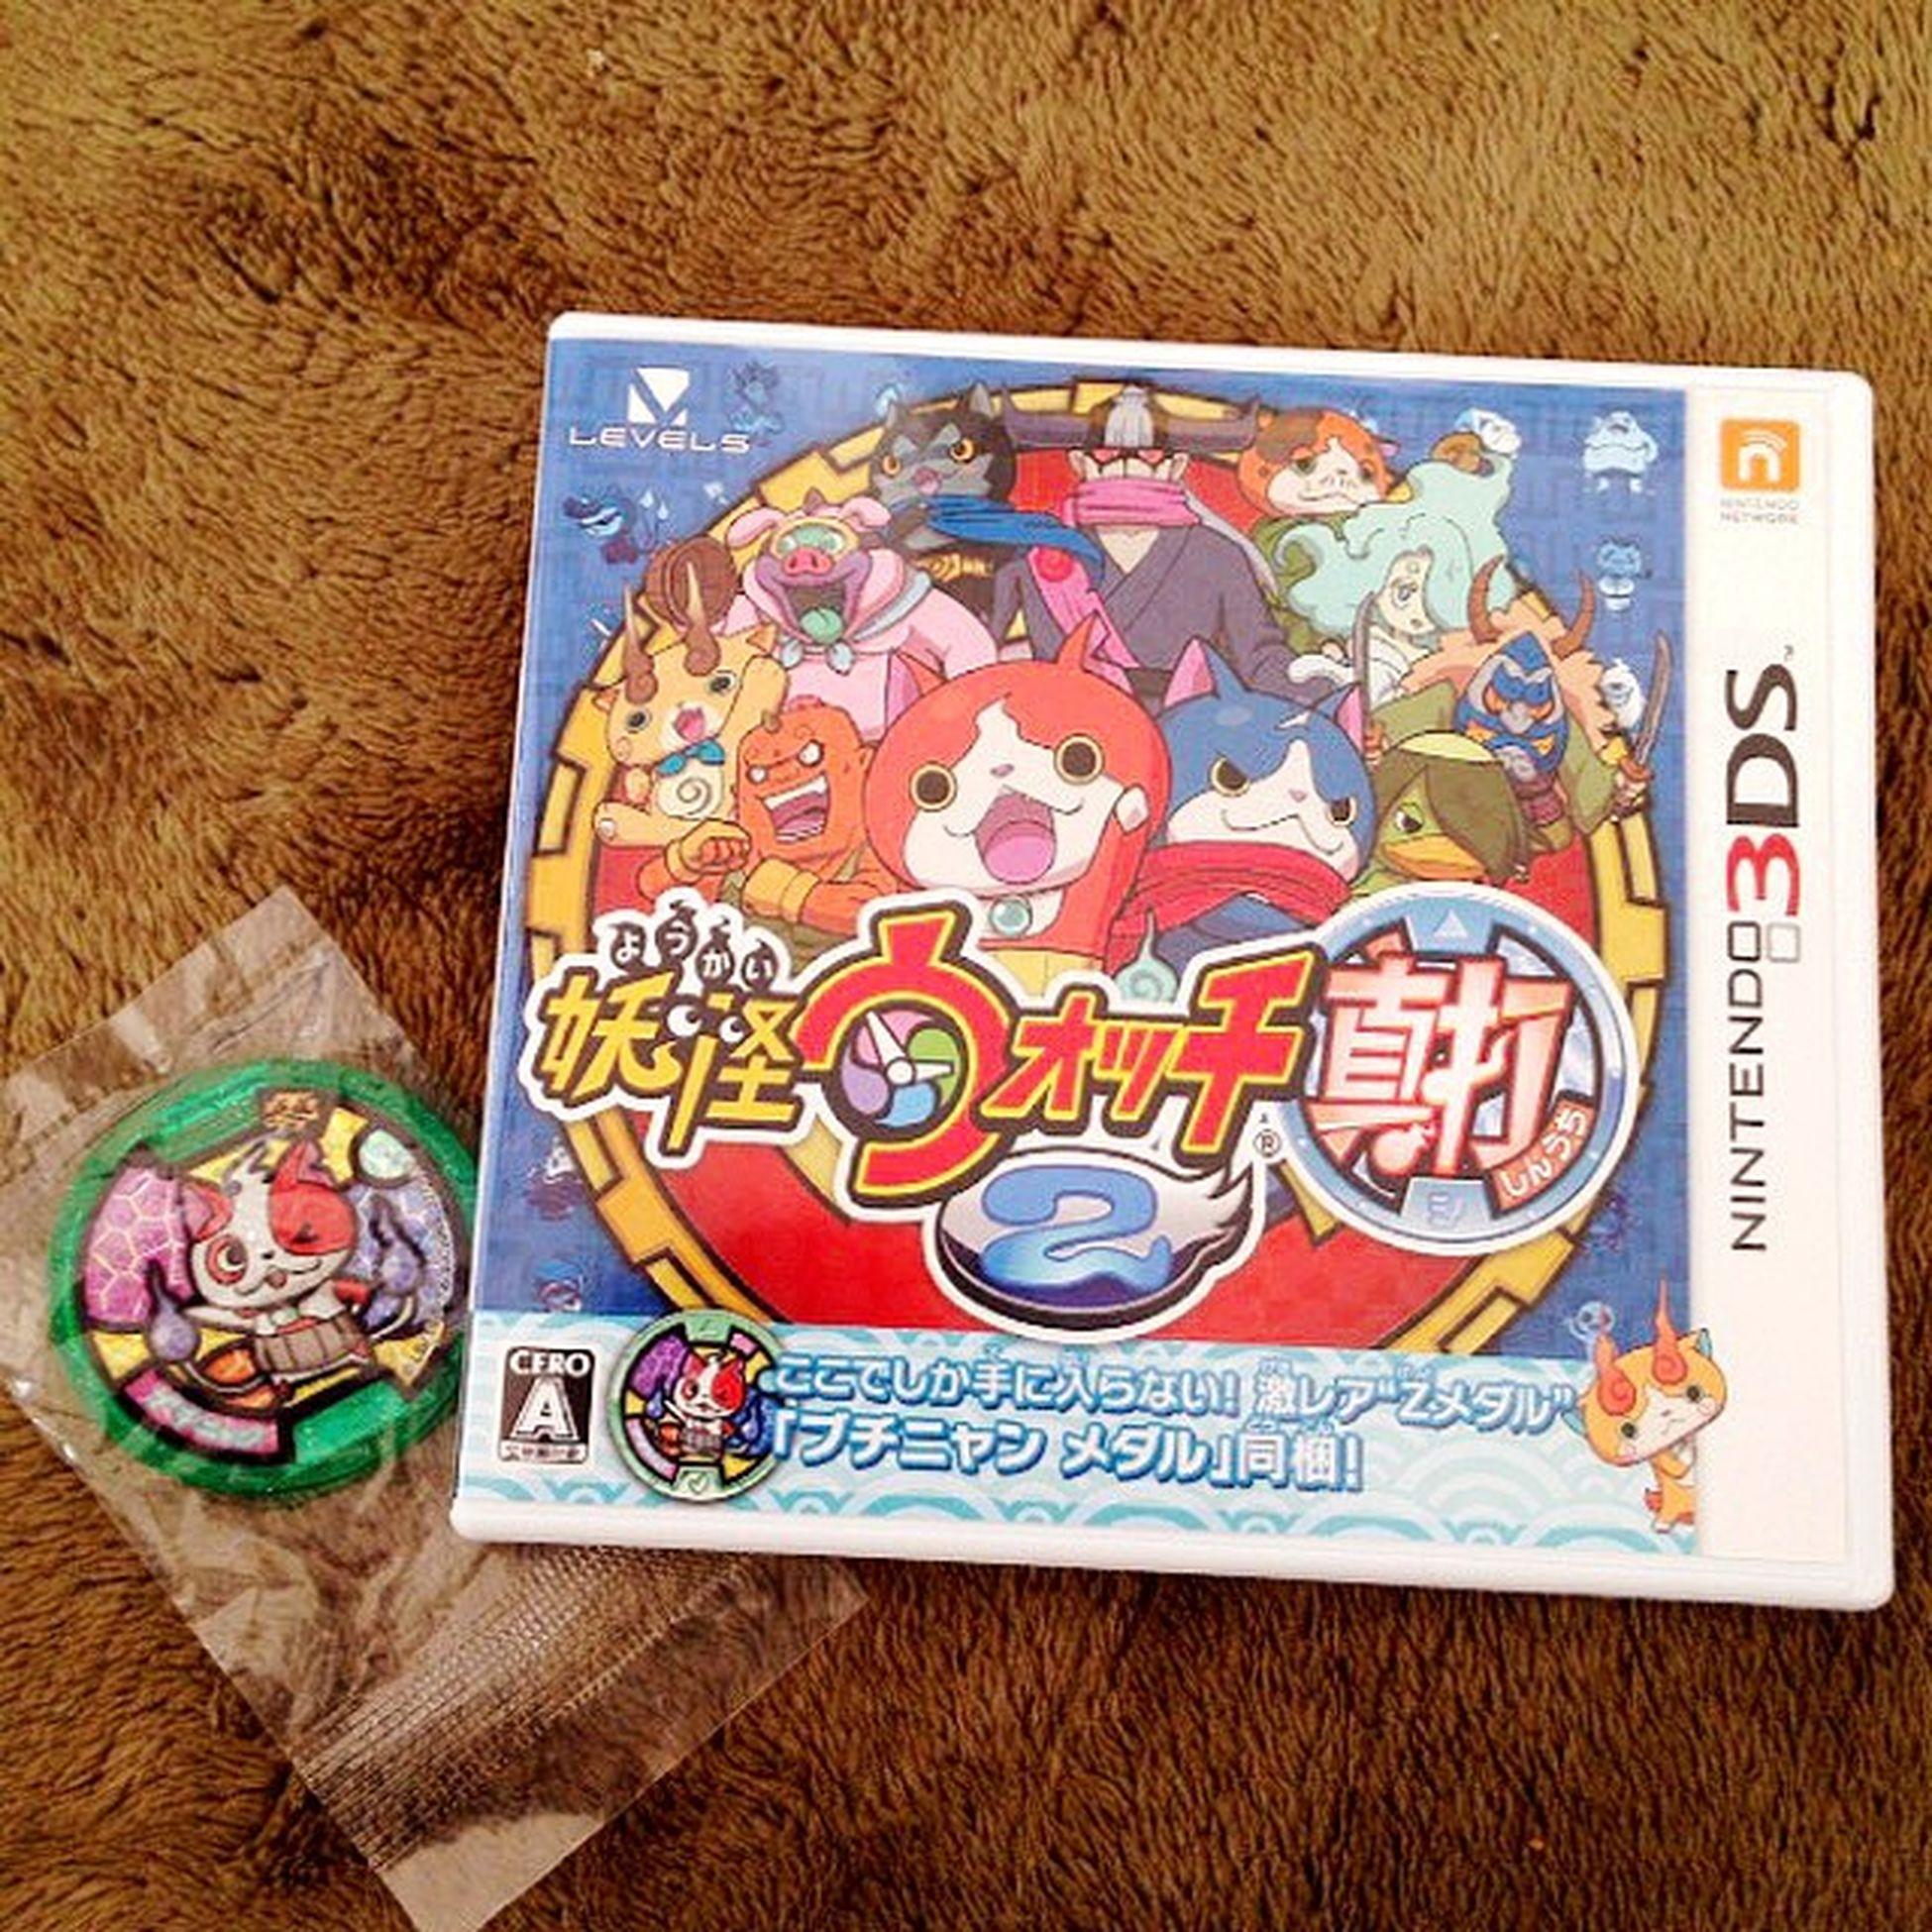 Game Nintendo コストコ 3DS Ds 妖怪ウォッチ ジバニャン Youkai フユニャン Youkaiwatch ジバコマ 真打 妖怪ウォッチ真打 妖怪メダル ブチニャン ダークニャン